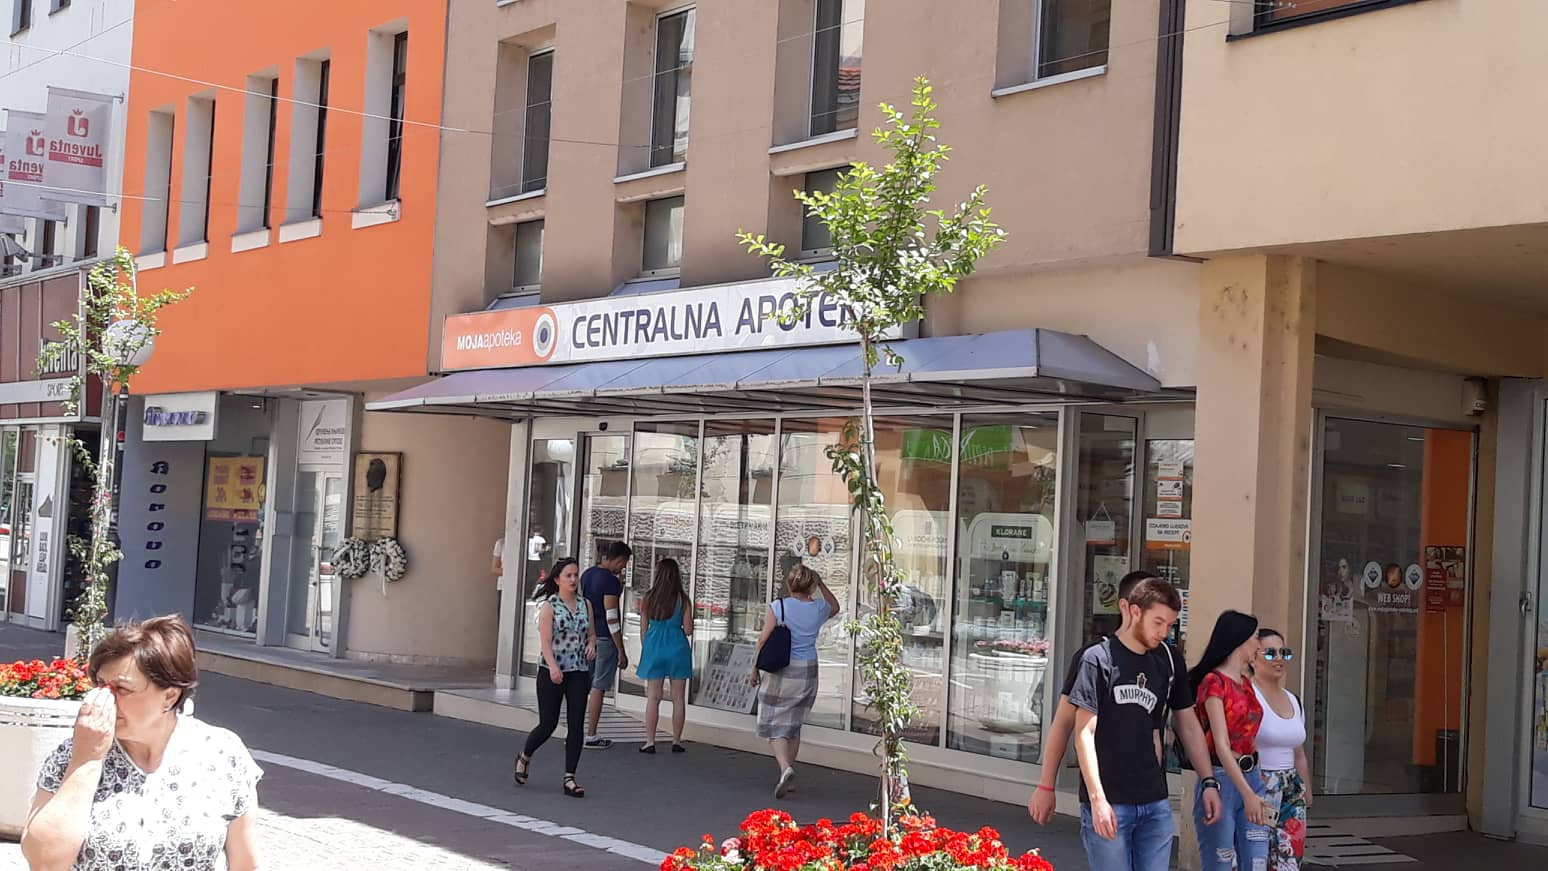 """Foto: Centralna apoteka """"Moja apoteka"""" u Gospodskoj ulici u Banja Luci"""